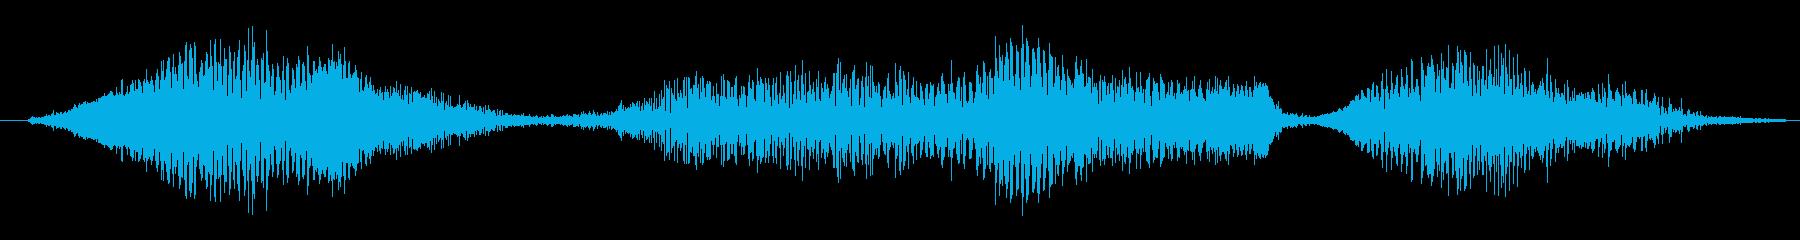 ゾンビ ヒューマンチェンジ07の再生済みの波形